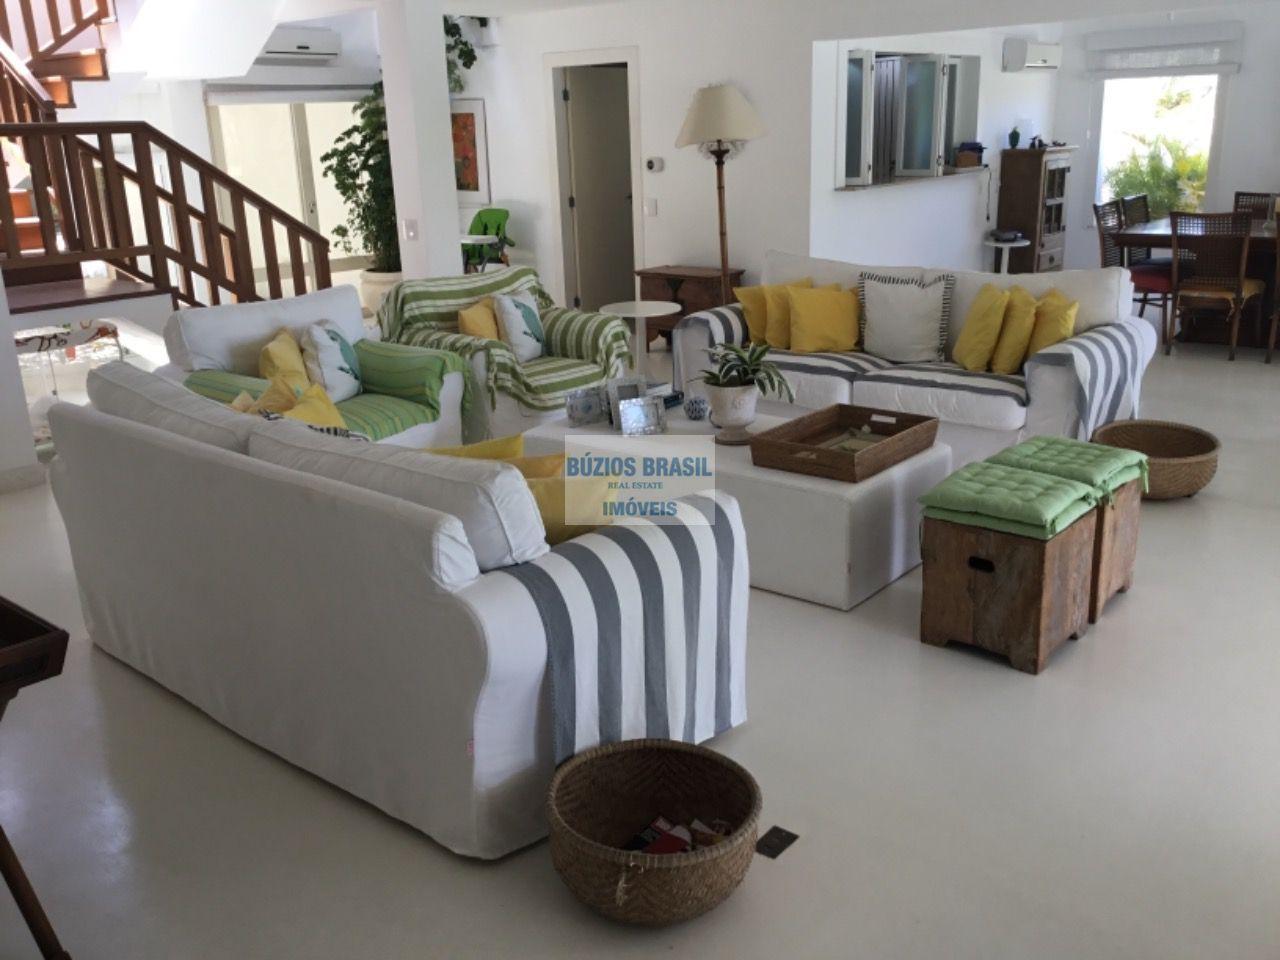 Casa 7 quartos para alugar Ferradura, Ferradura 70m Praia,Armação dos Búzios - LTFR1 - 17